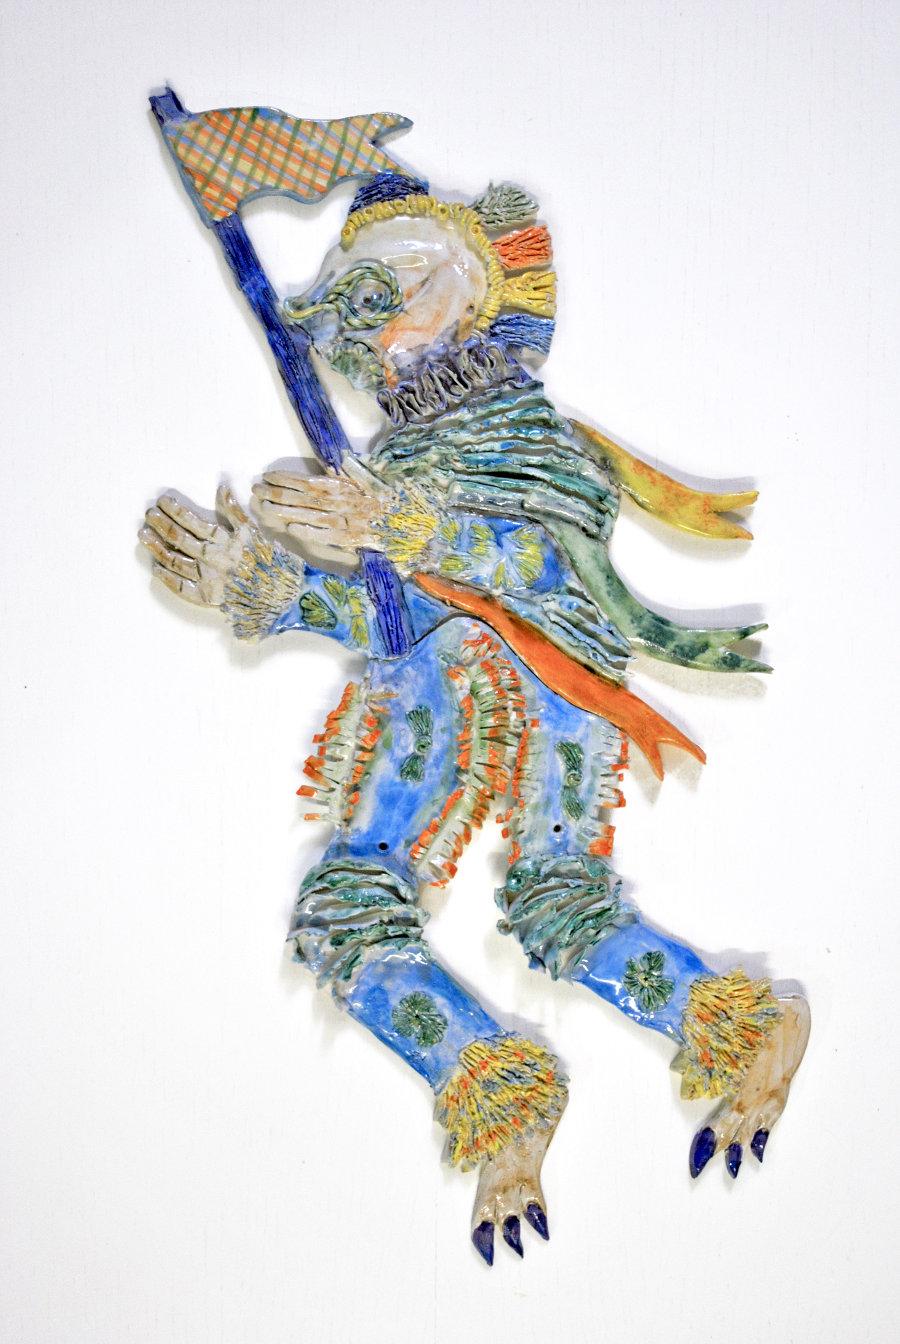 Sive mas sive foemina, 2021, céramique, 52 x 30 cm, courtoisie de l'artiste